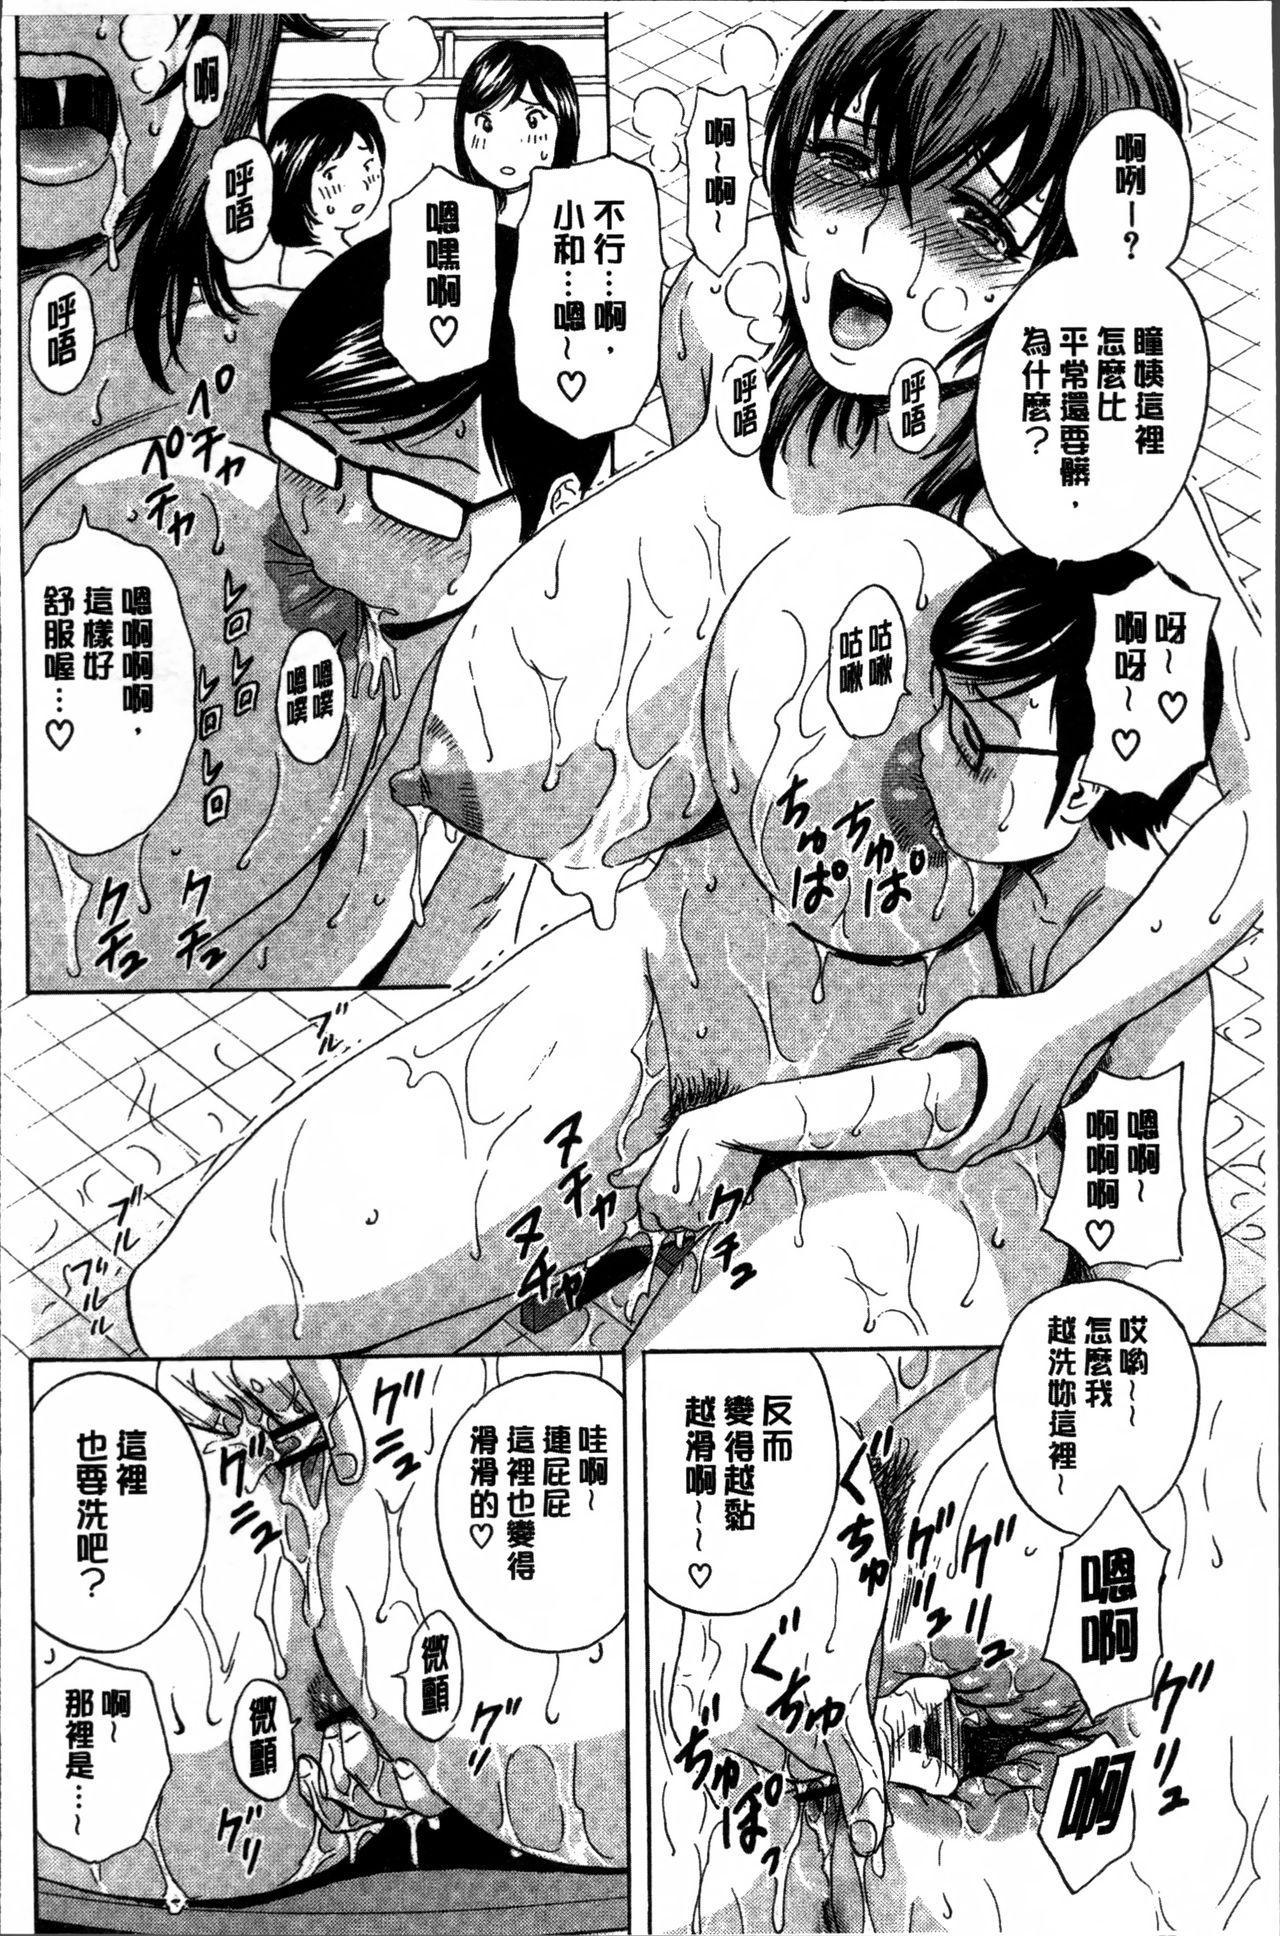 Ryoujyoku!! Urechichi Paradise 119